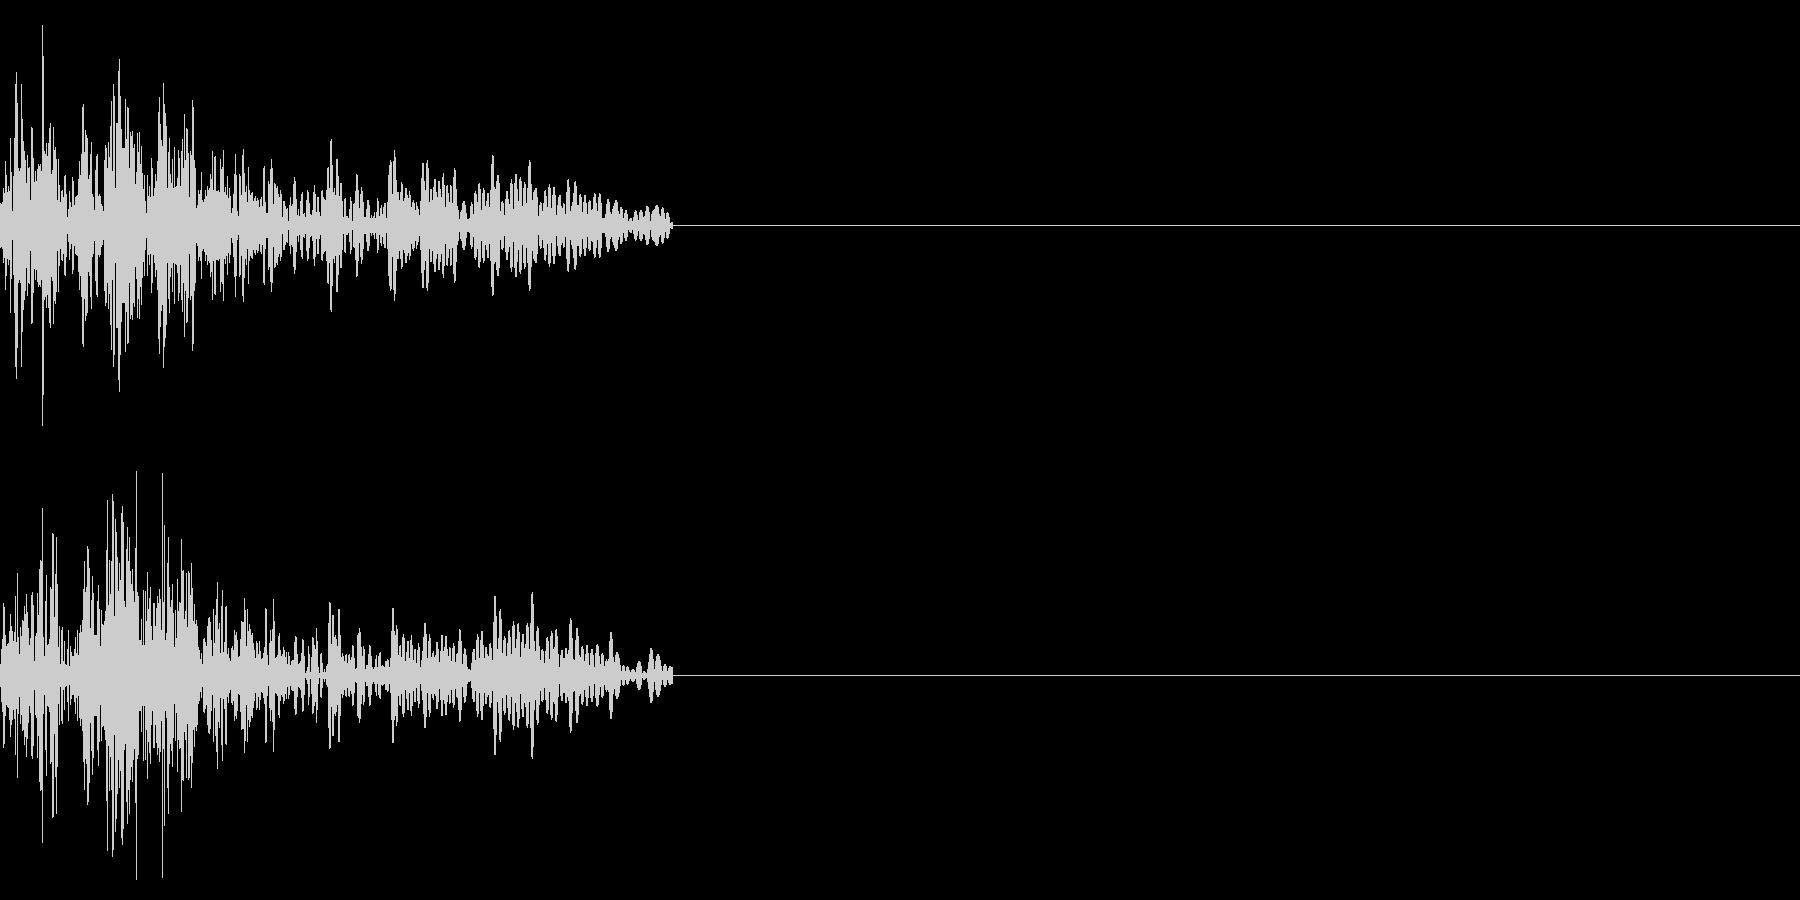 キャンセル音、ダイアログを閉じるなどの未再生の波形